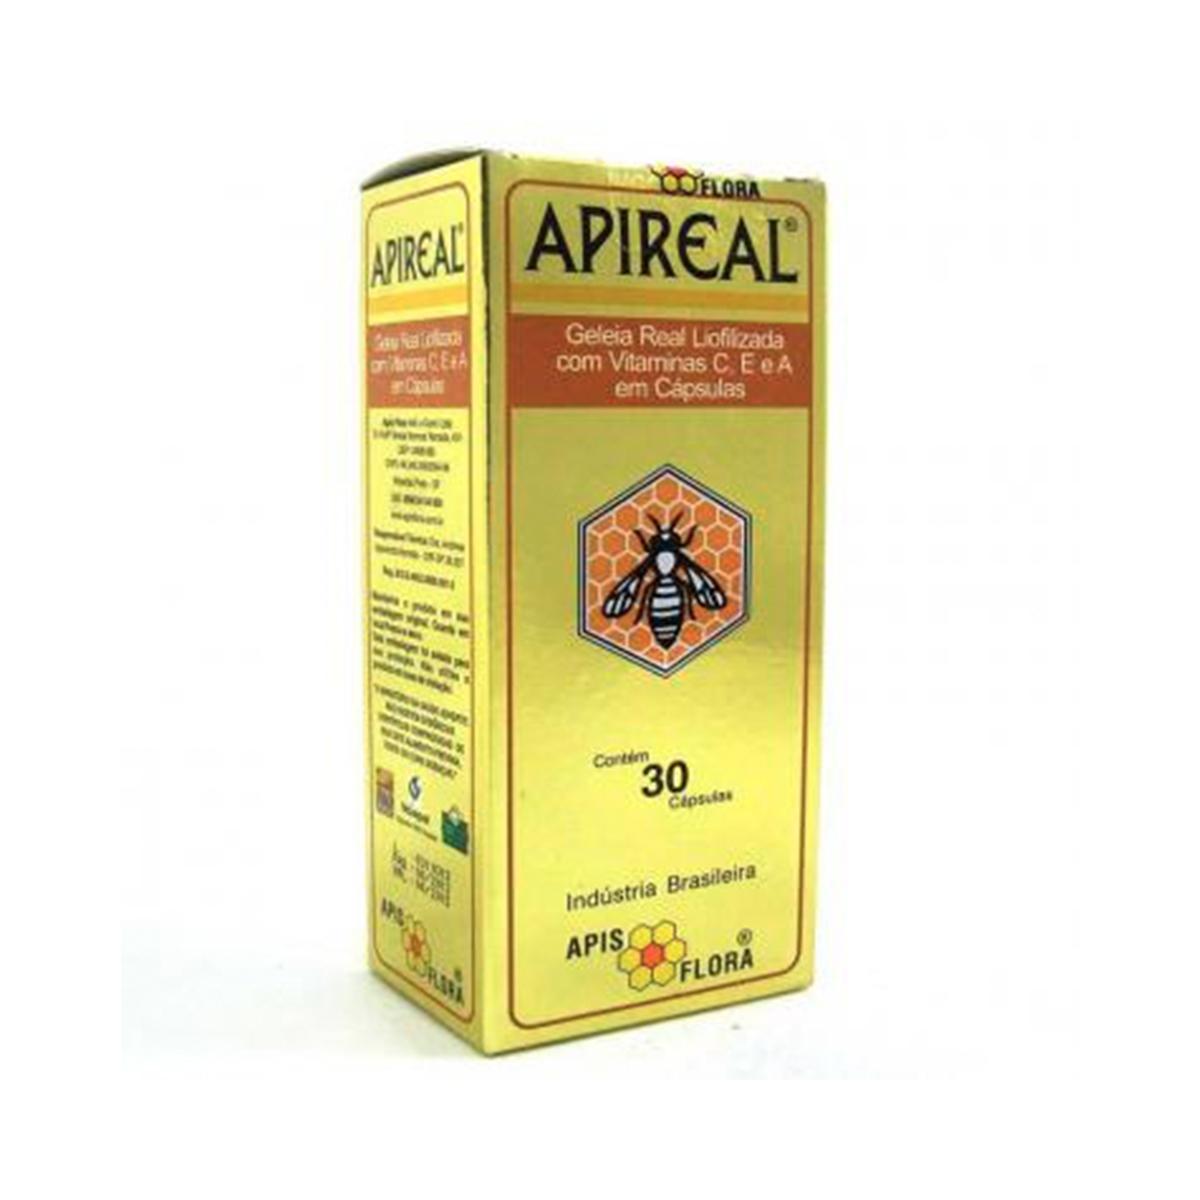 Geléia Real Liofilizada APIREAL 30 cápsulas - Apis Flora